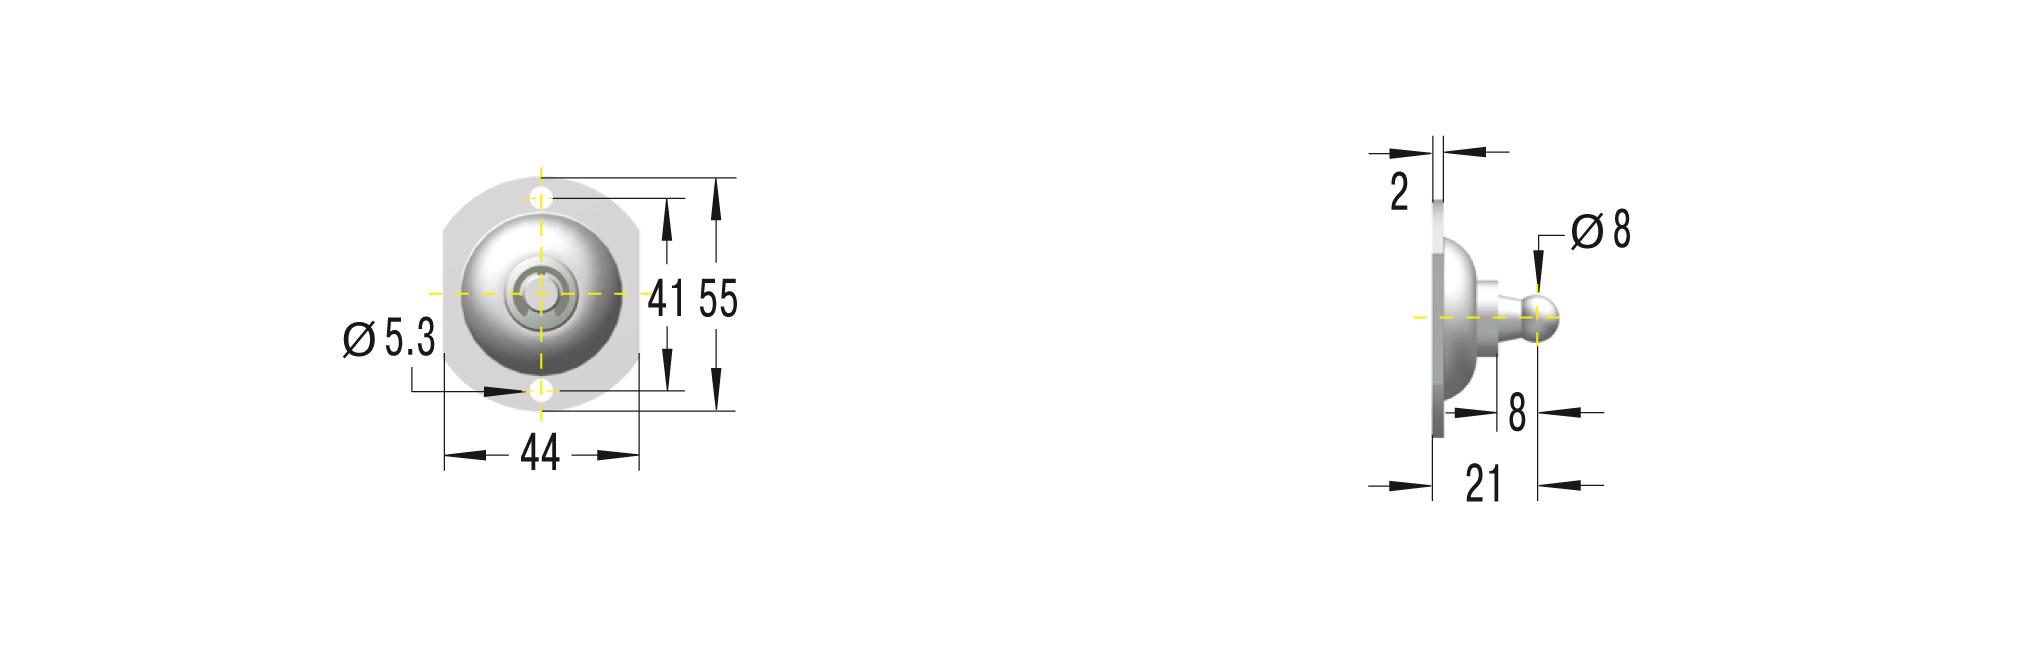 Beschlag für GS-15 und HB-15 ***maximale Belastung 500N***